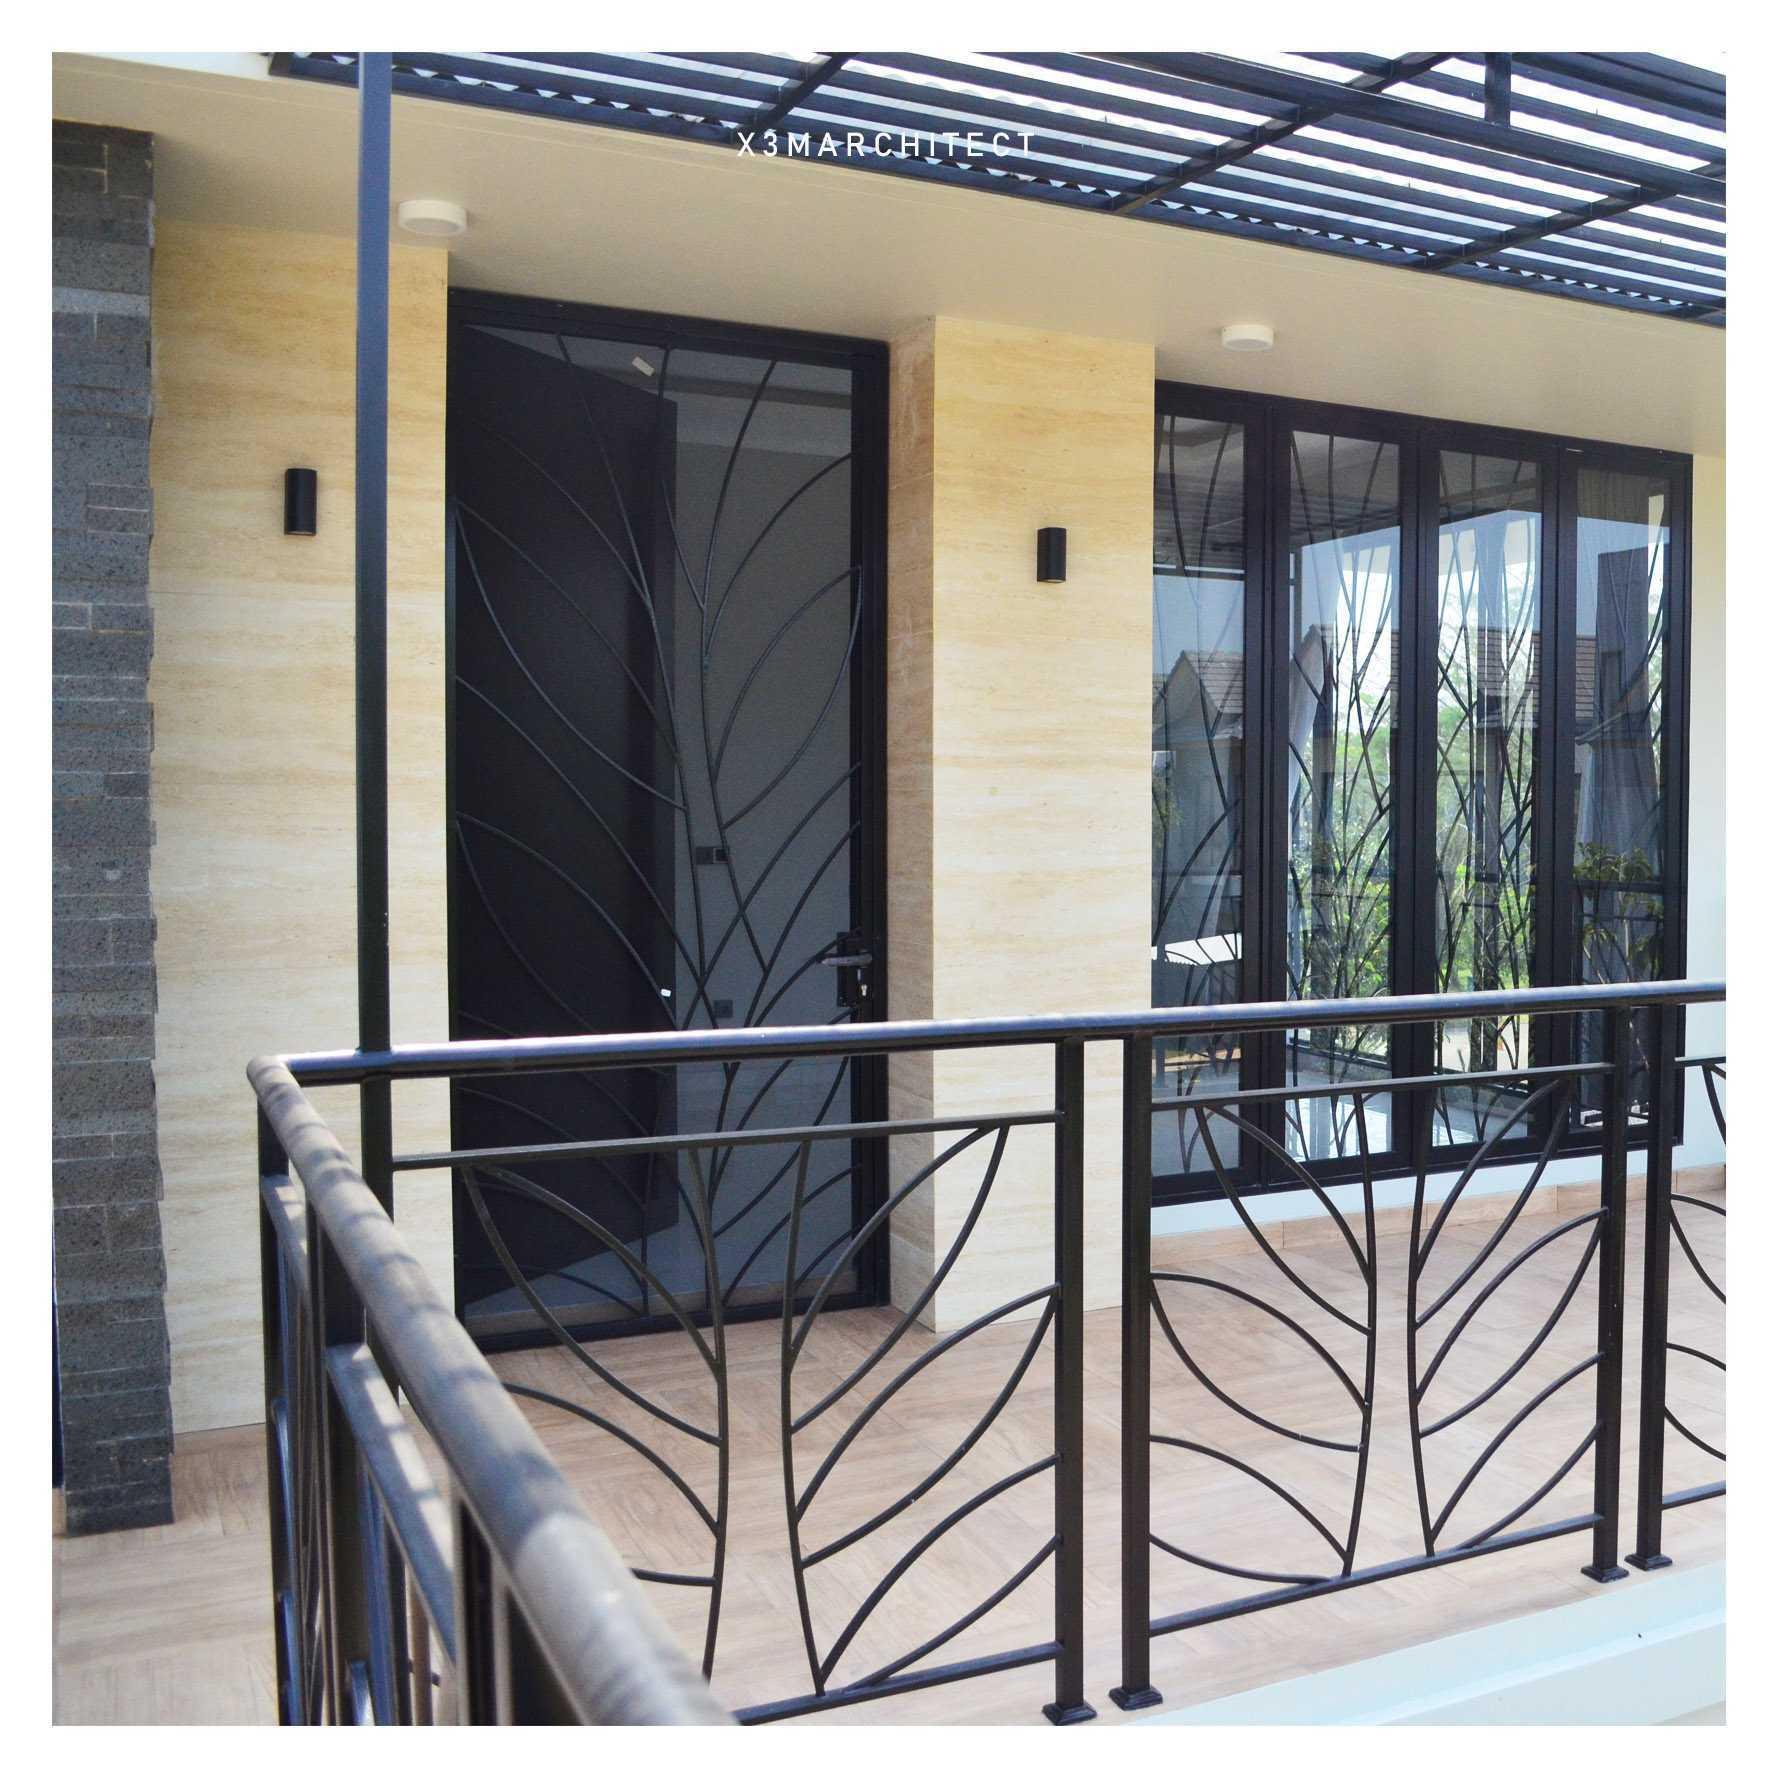 X3M Architects Nittaya A5 1 House Sampora, Kec. Cisauk, Tangerang, Banten 15345, Indonesia Sampora, Kec. Cisauk, Tangerang, Banten 15345, Indonesia X3M-Architects-Nittaya-A5-1  76001